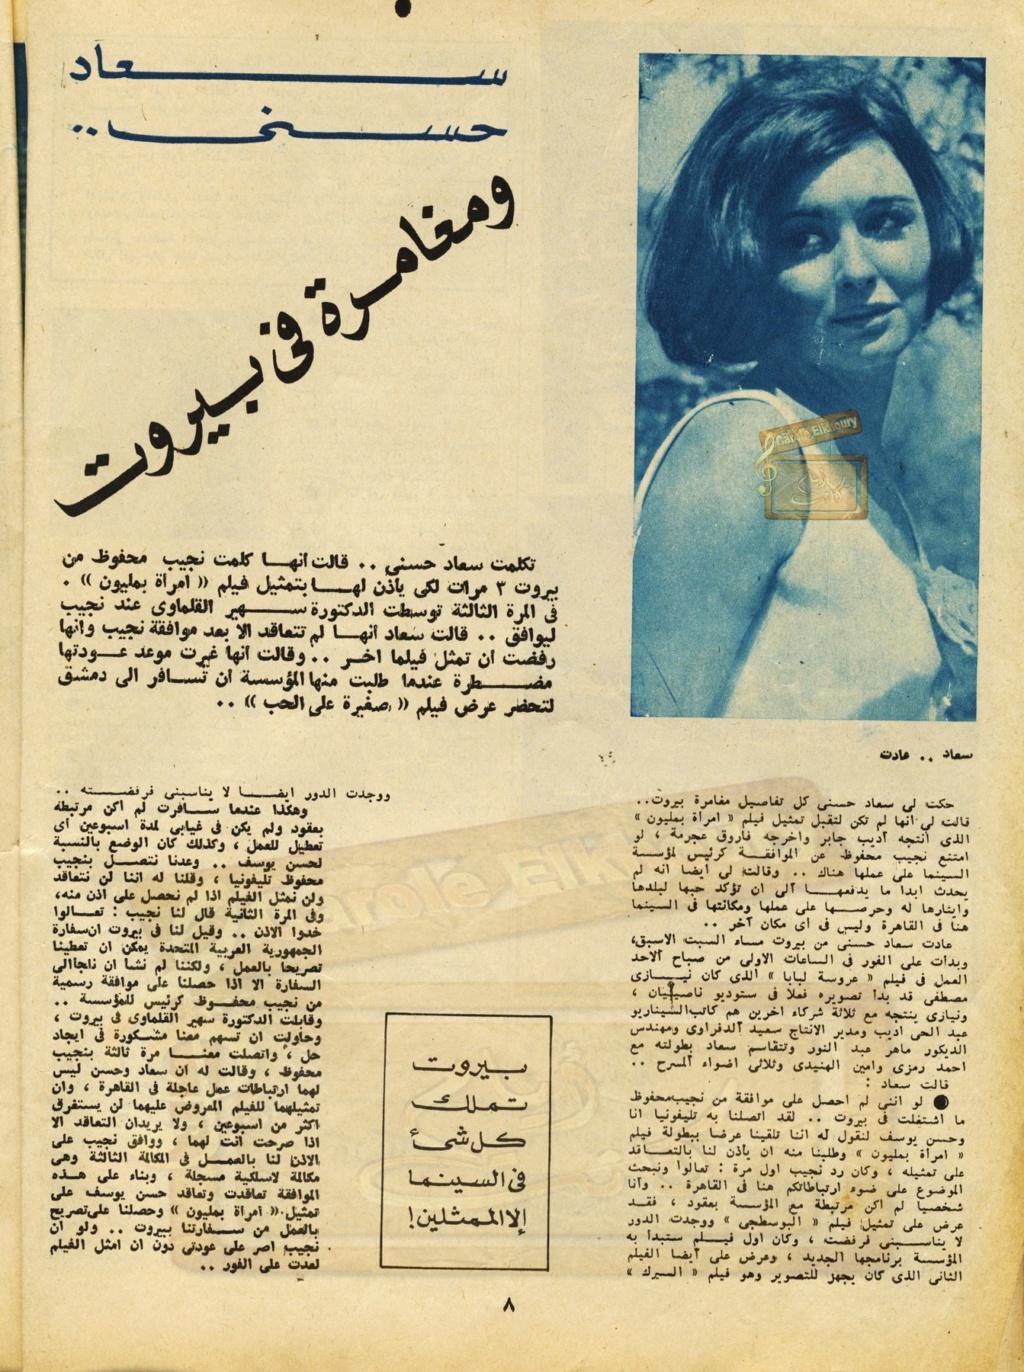 حوار صحفي : سعاد حسني .. ومغامرة في بيروت 1967 م 167